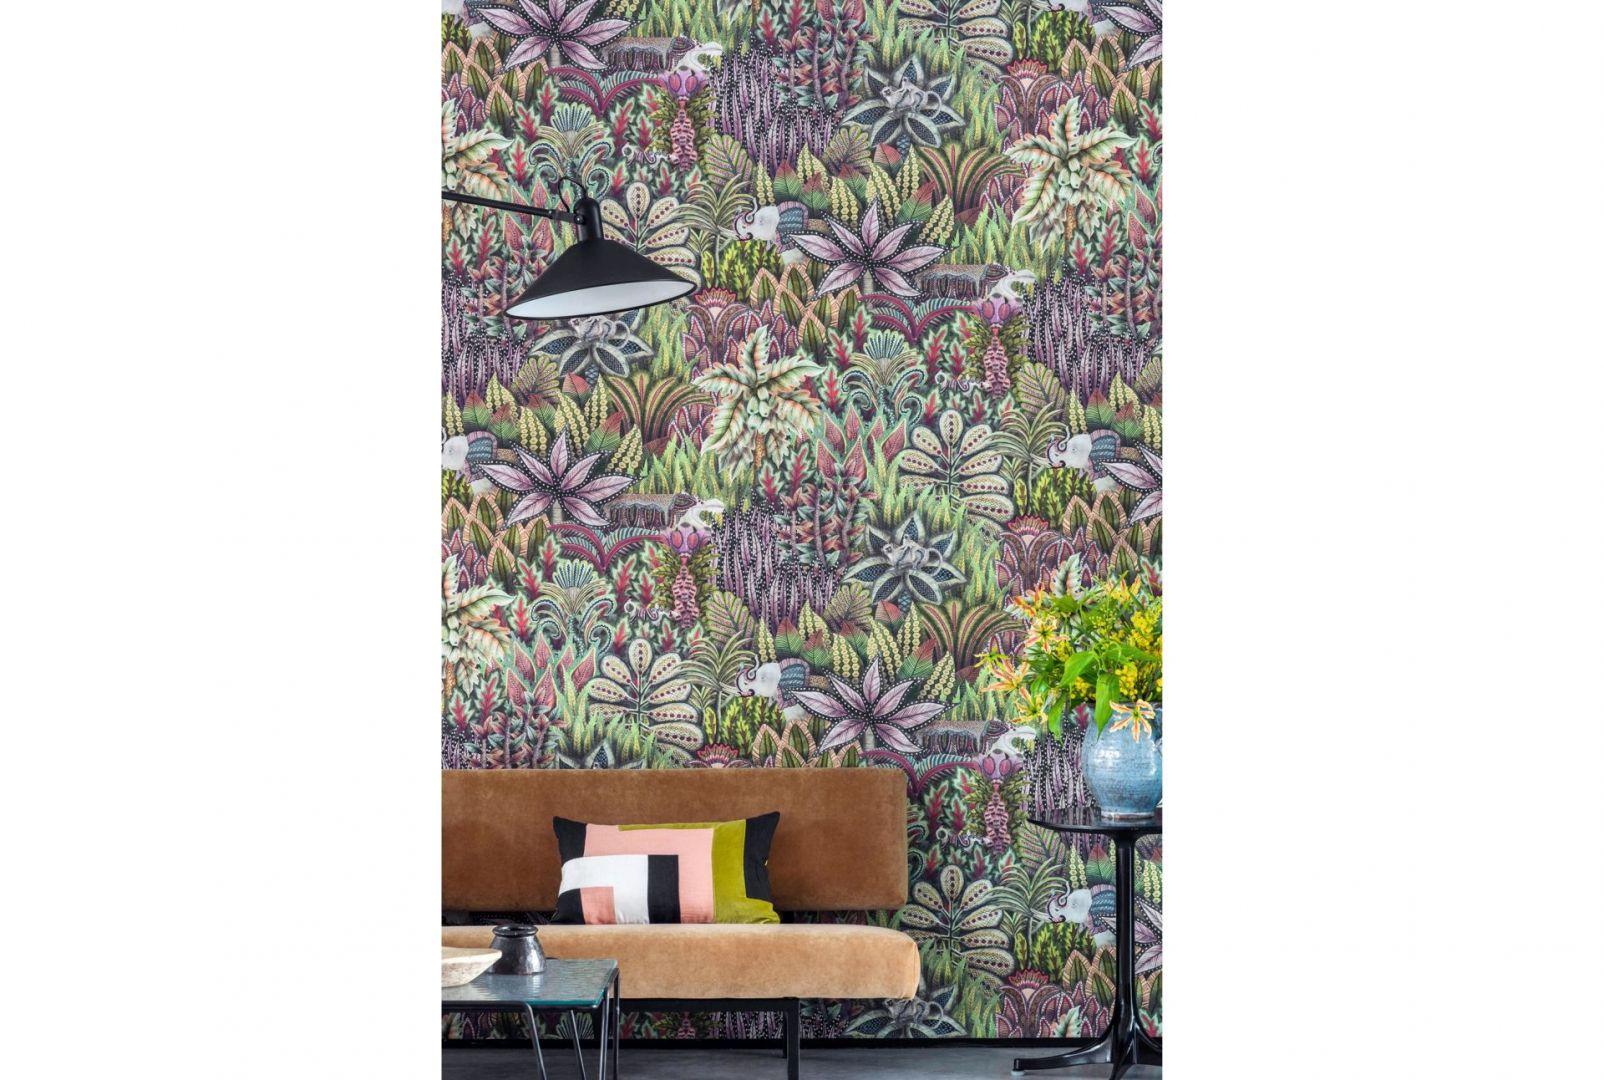 Tapeta Singita z kolekcji Ardmore inspirowanej afrykańską fauną i florą, o wzorze z efektem głębi, który optycznie powiększy wnętrze. Na zamówienie, Cole&Son, dostępne w sklepie Impresje. Fot. Cole&Son/Impresje Home Collection